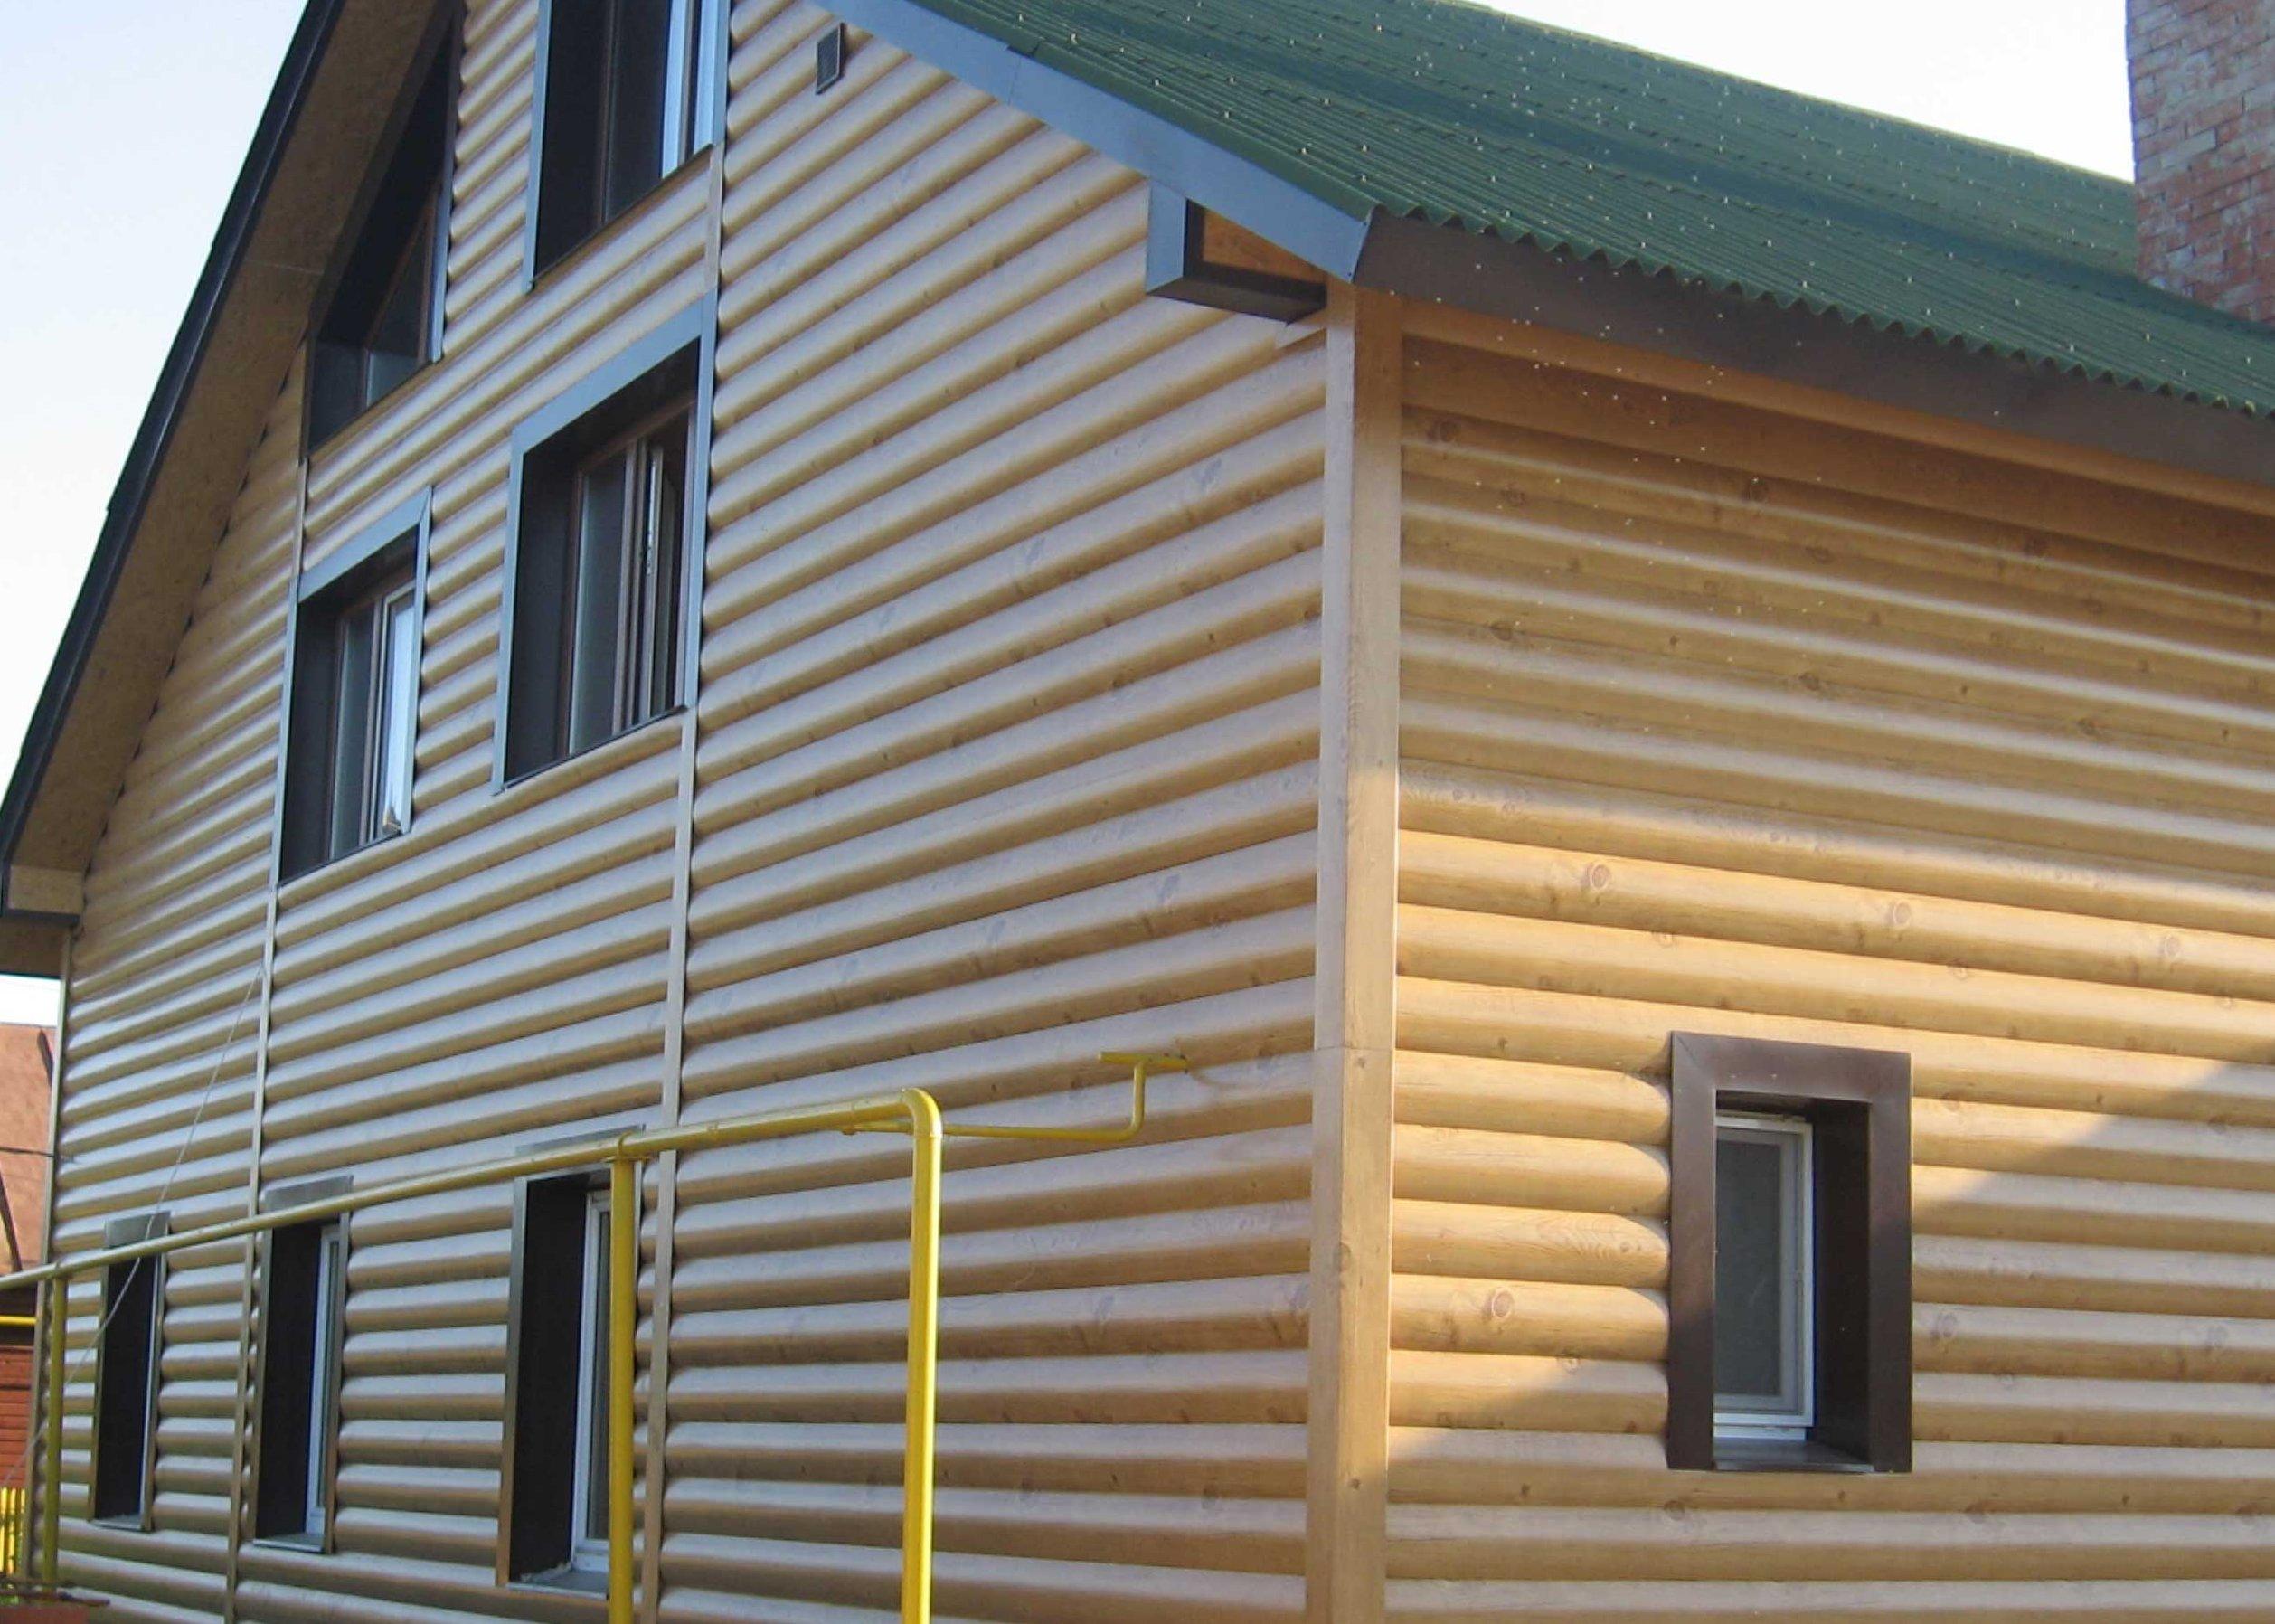 Обшивка дома вагонкой снаружи - деревянная и пластиковая наружная 78